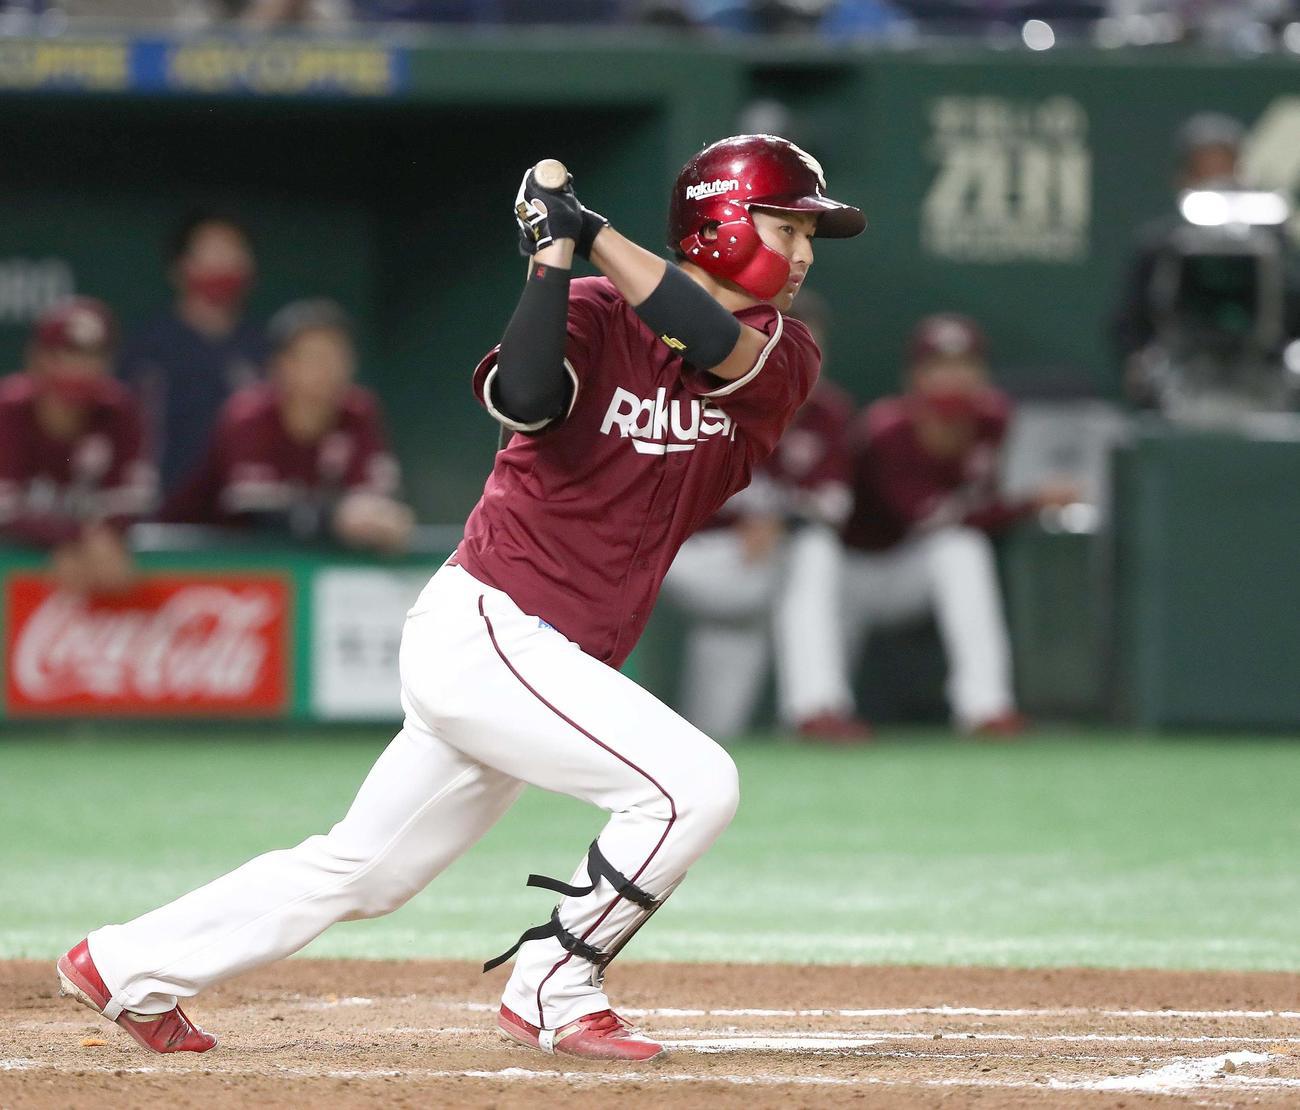 日本ハム対楽天 7回表楽天無死二塁、右越え適時二塁打を放つ黒川(撮影・黒川智章)